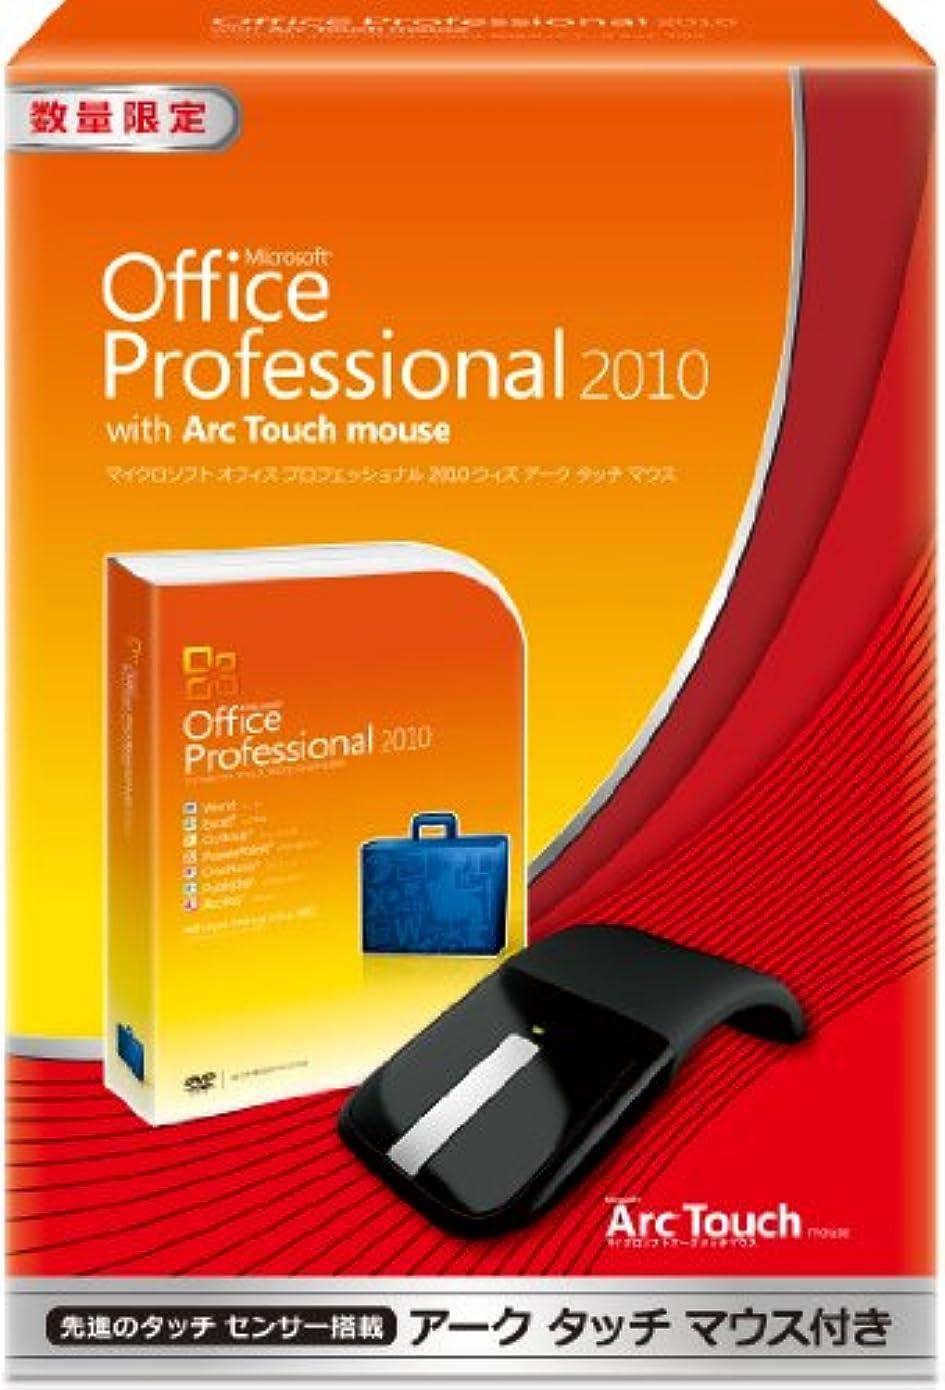 慎重具体的にアーティキュレーション【旧商品】Office Professional 2010 with Arc Touch Mouse